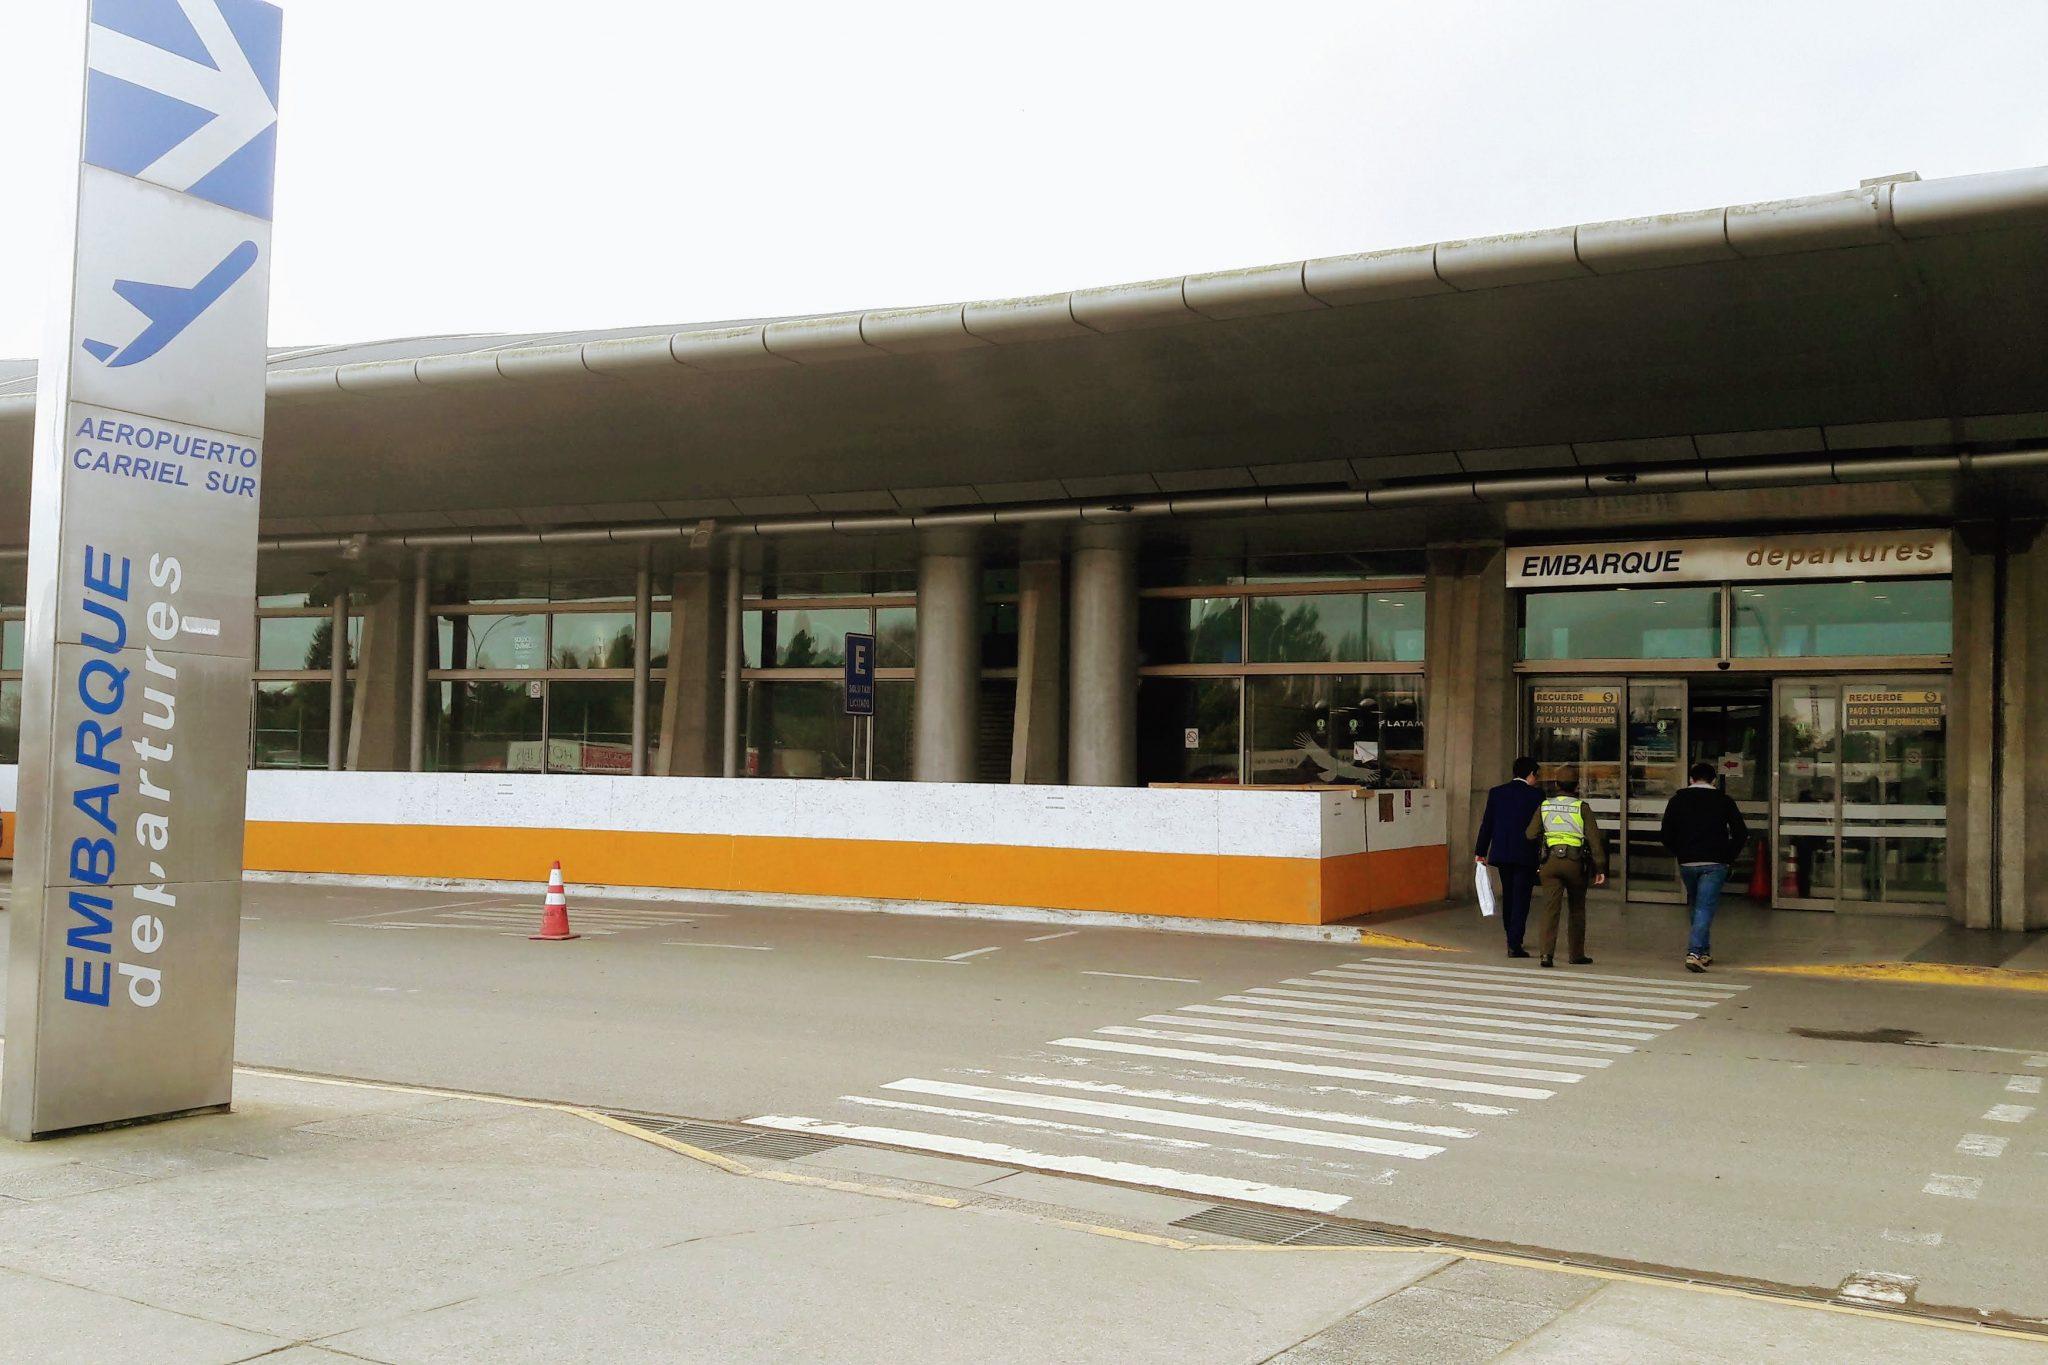 Chile: Pandemia arrastra a seis aeropuertos concesionados del país a cerrar balance 2020 con pérdidas